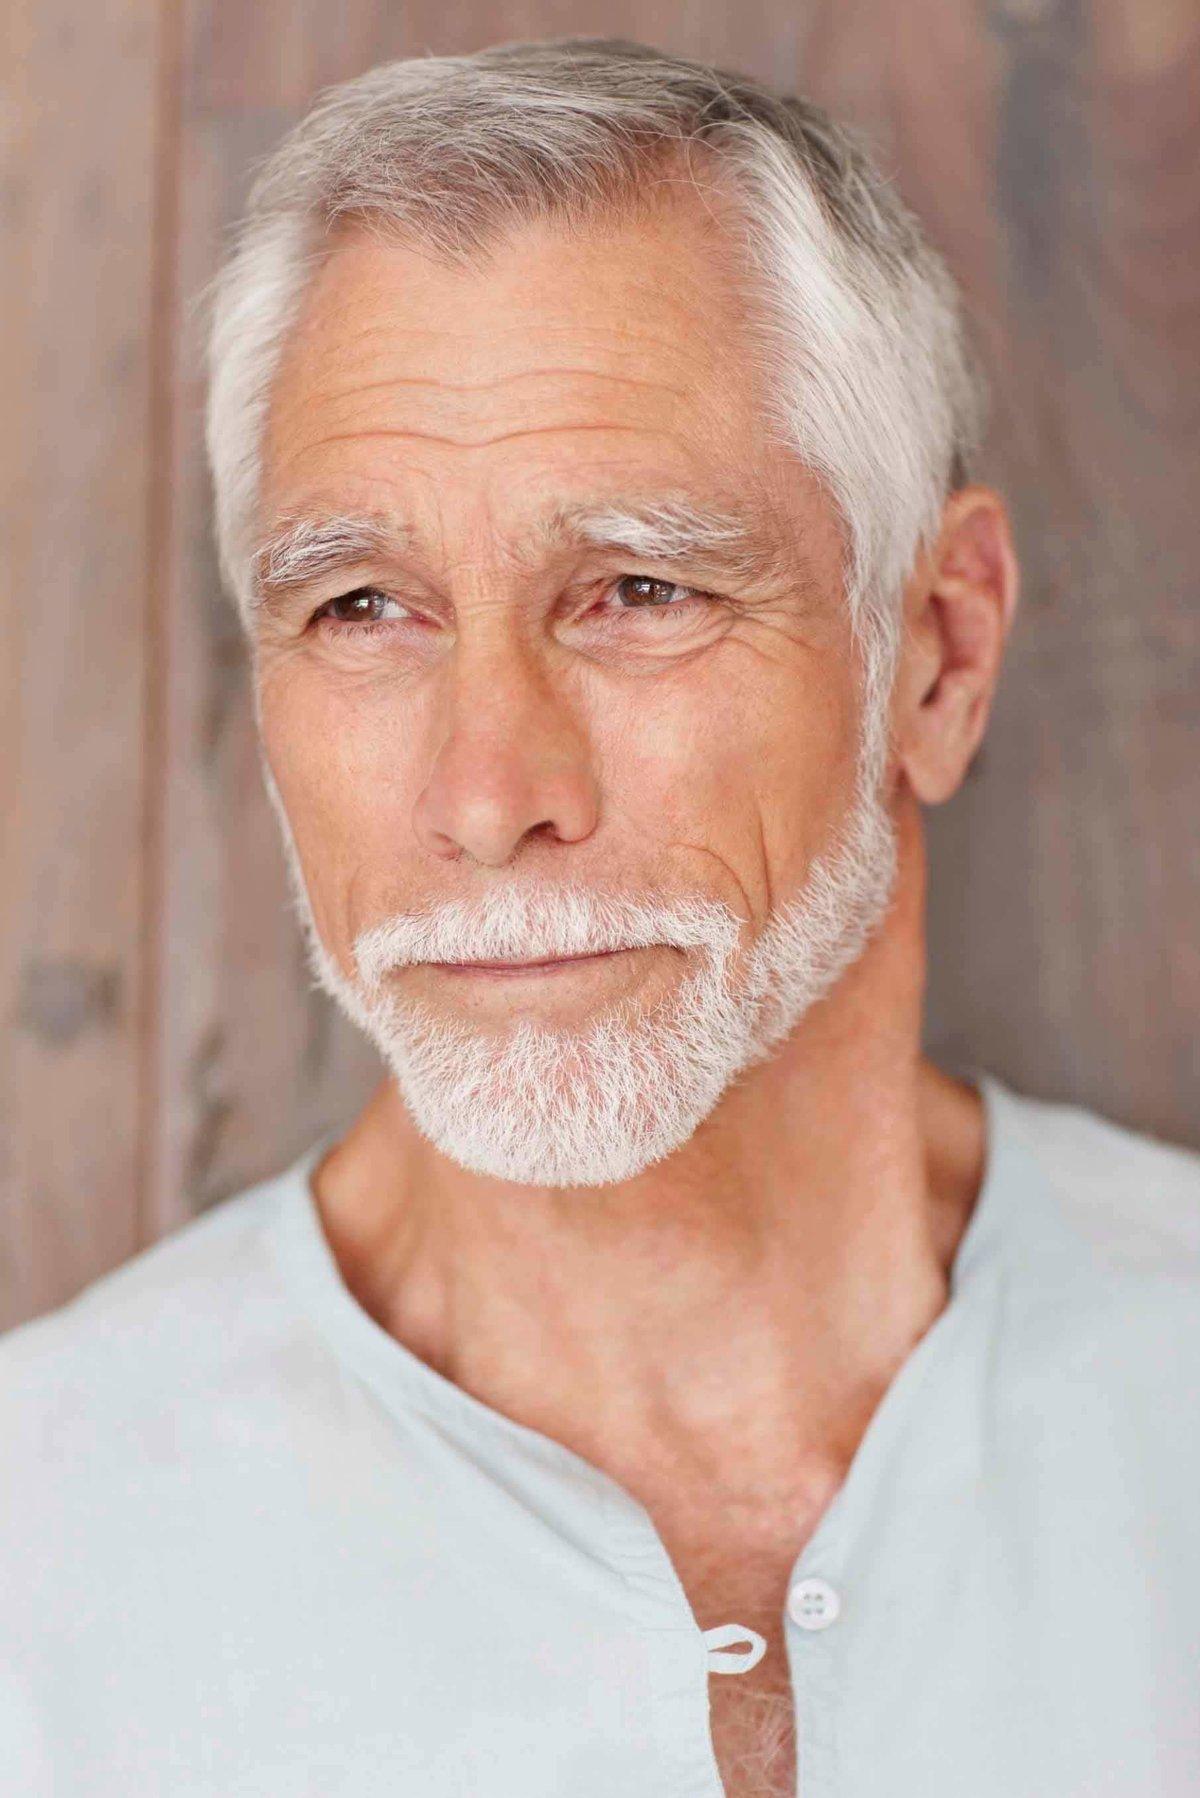 успешно картинки людей пожилой мужчина поможет трансформировать энергетический